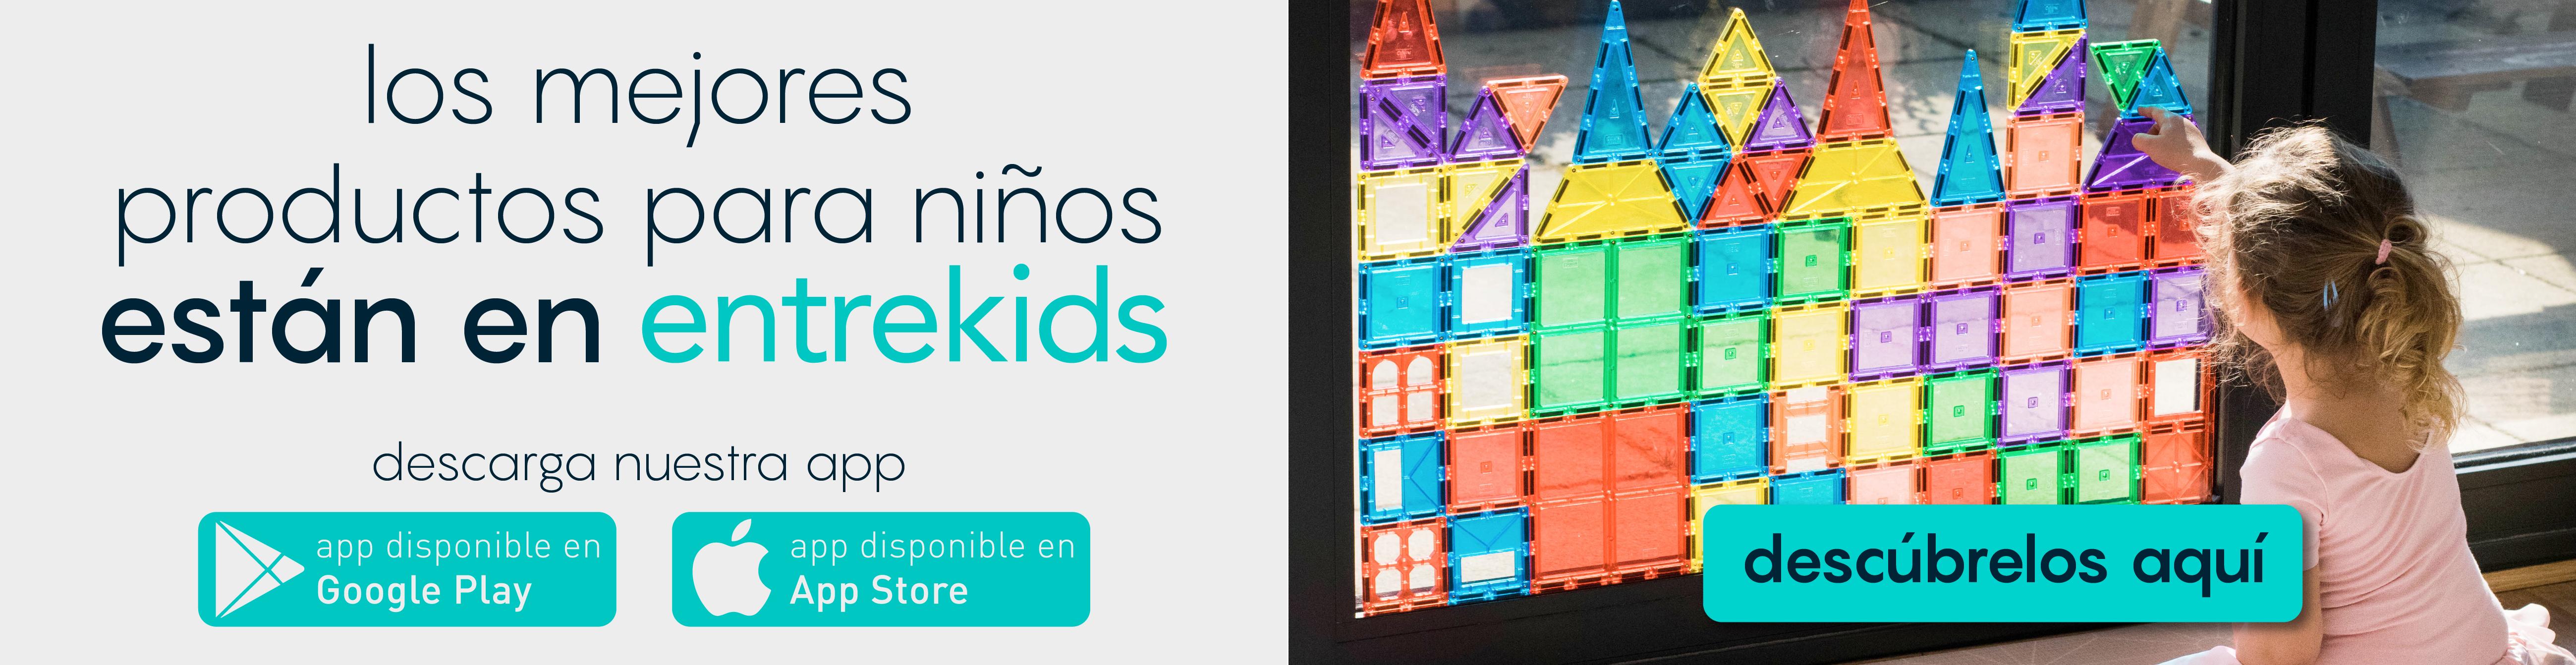 Los mejores productos para niños estan en Entrekids